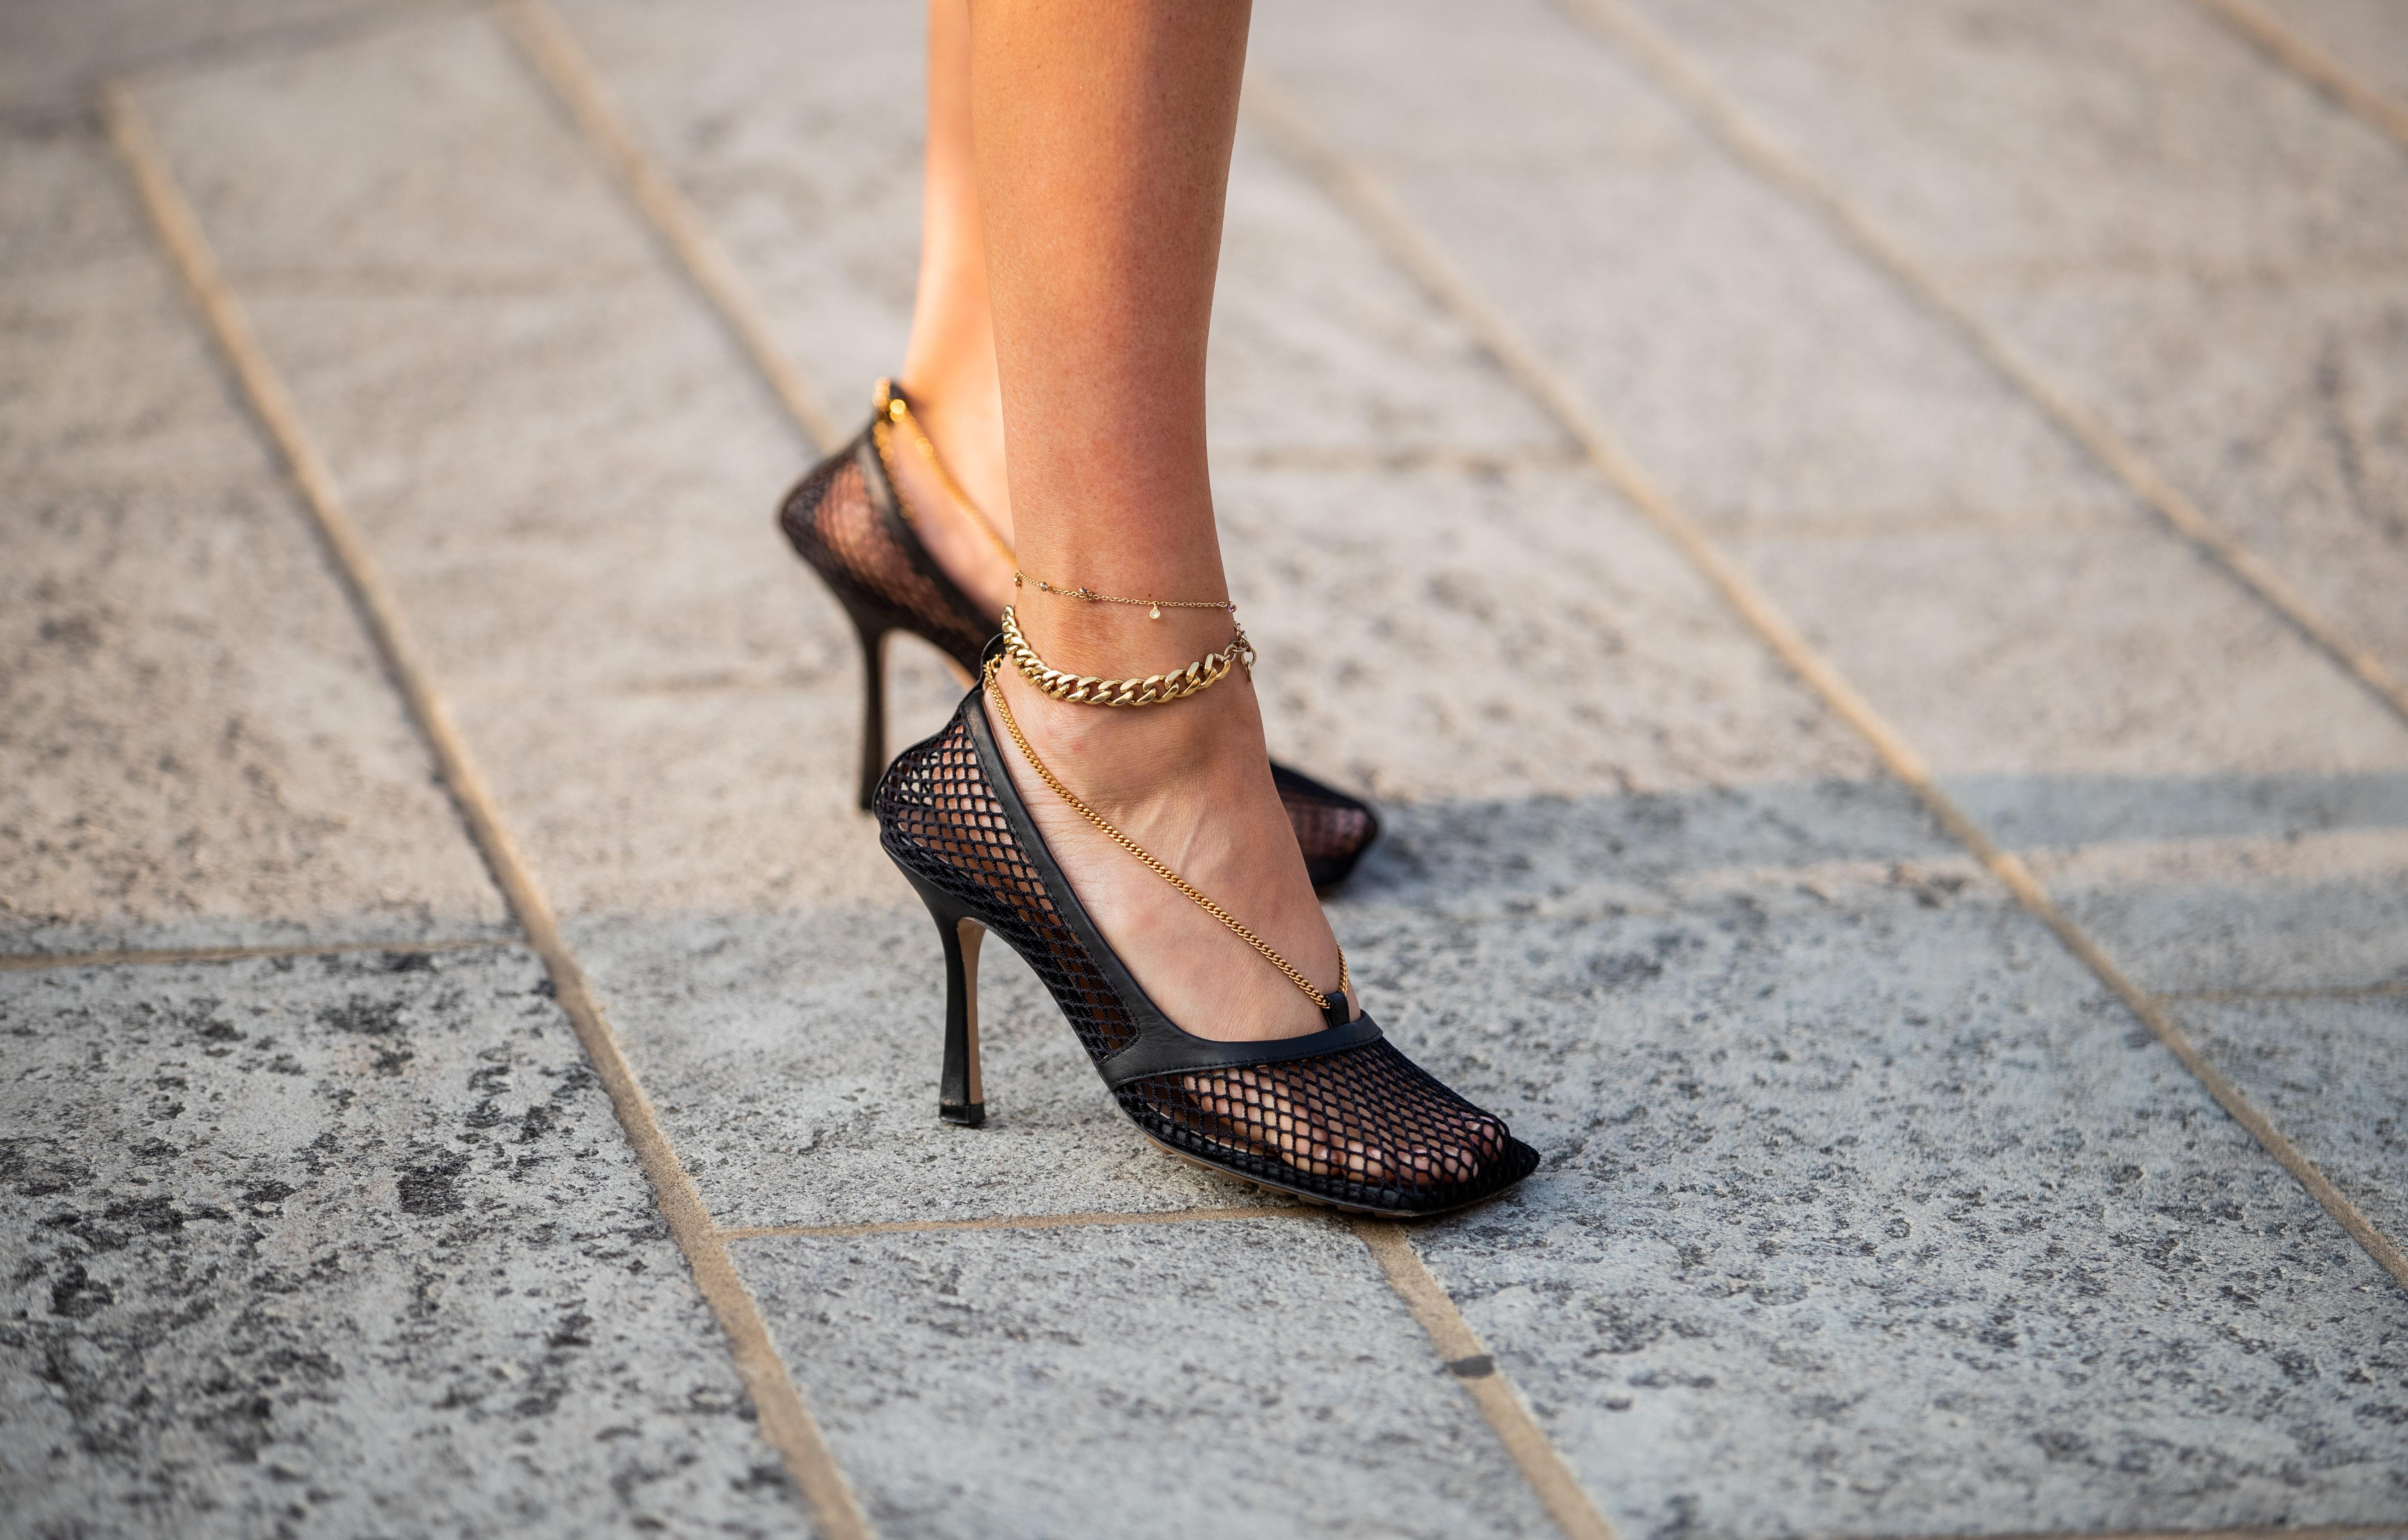 ゴールドのバンドが付いているメッシュ素材のパンプスの足元にアンクレットを追加。華奢なタイプと存在感あるチェーンのデザインの重ね付けがおしゃれ。タイツやソックスを合わせても可愛くなりそう。